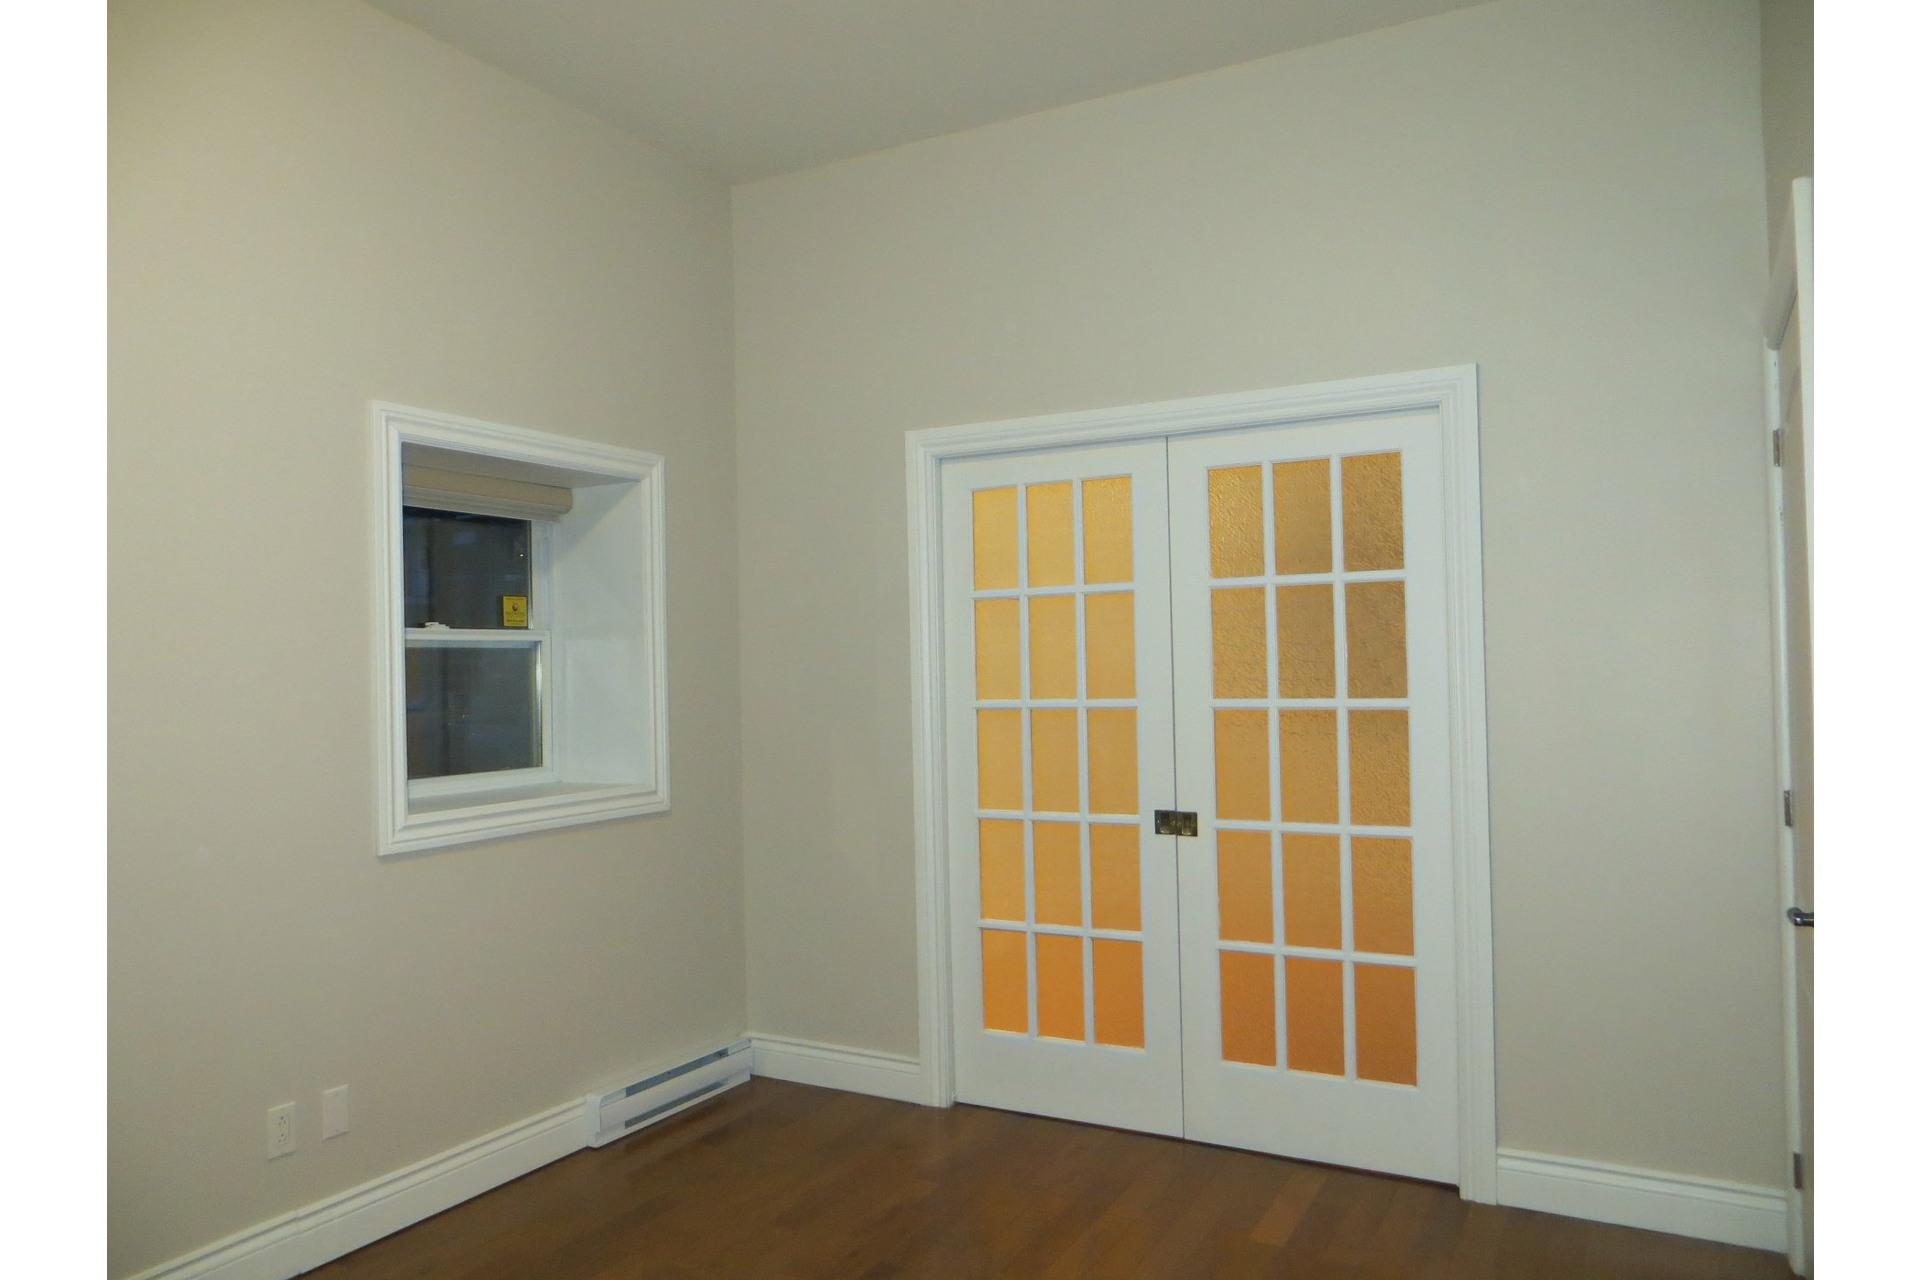 image 8 - Apartment For sale Côte-des-Neiges/Notre-Dame-de-Grâce Montréal  - 6 rooms